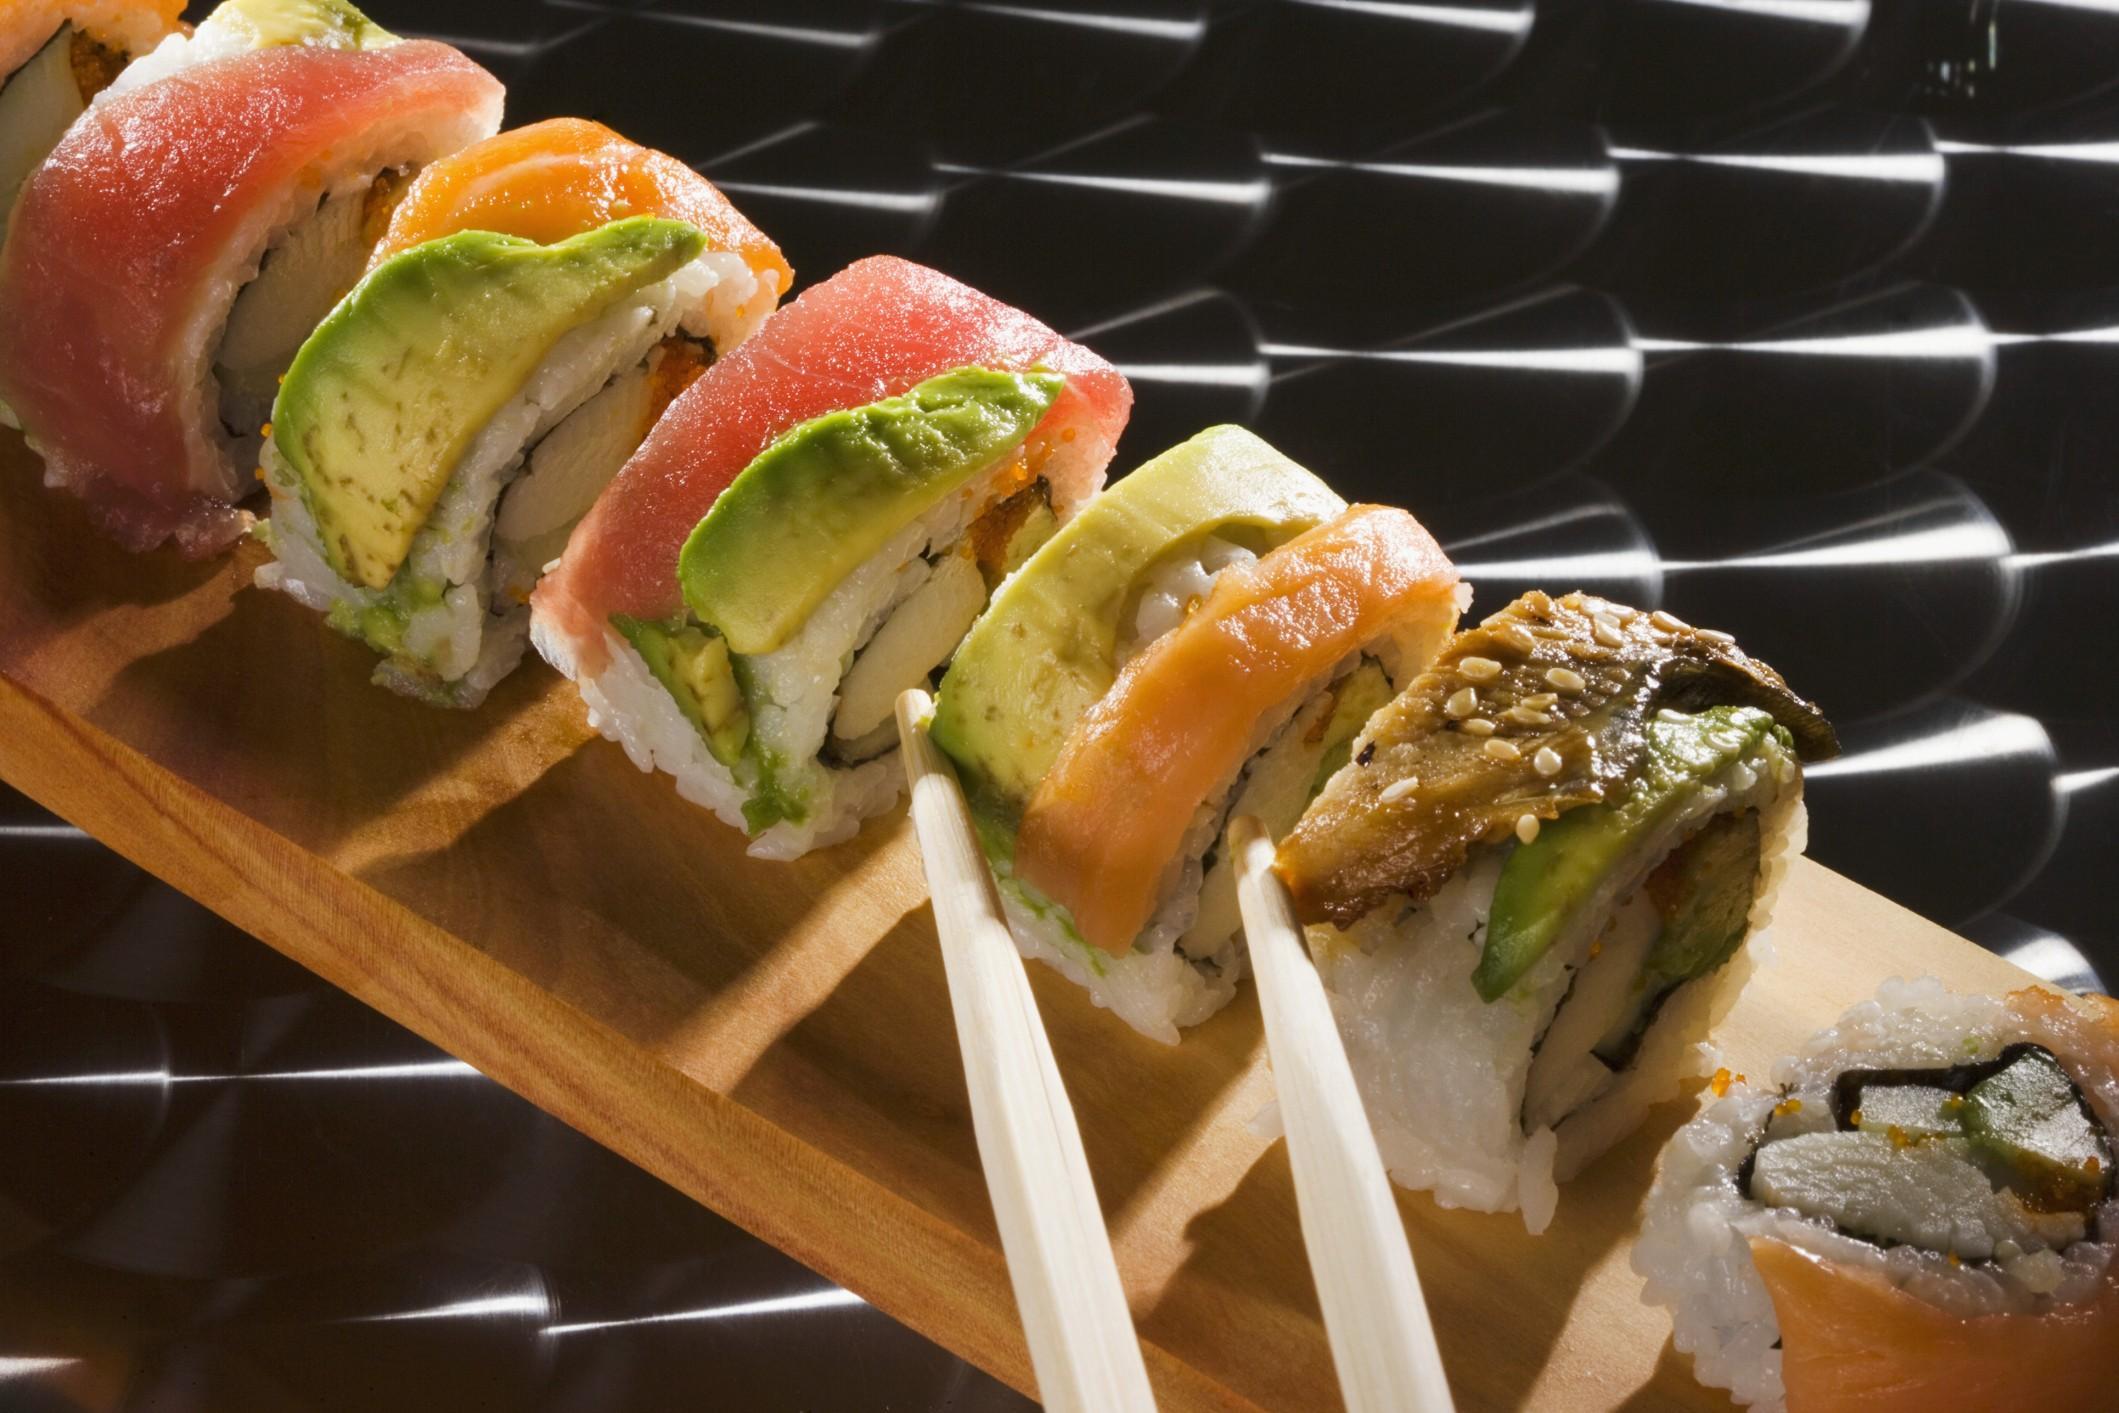 La cucina giapponese italia un paese da scoprire for Cucina cinese piatti tipici